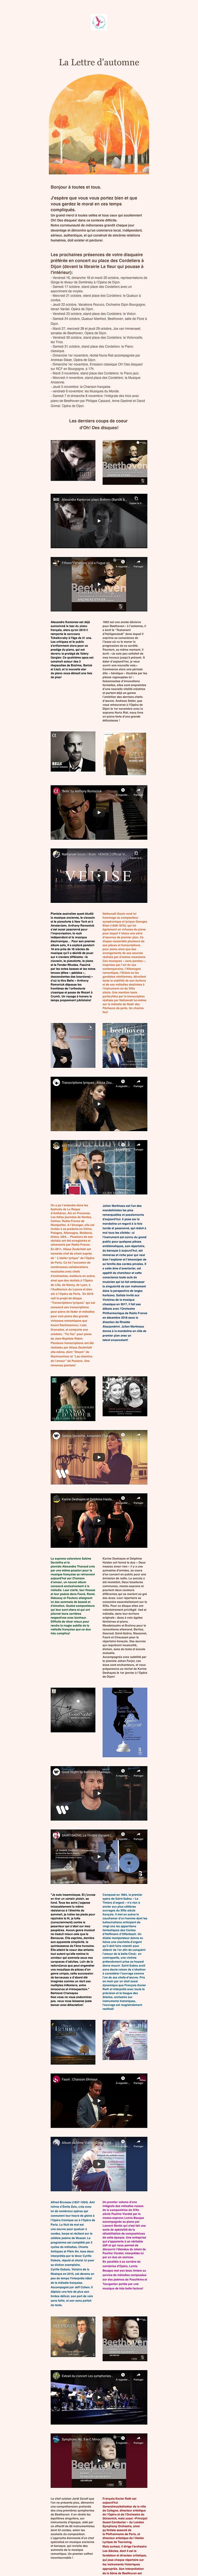 La Lettre d'automne_page-0001.jpg